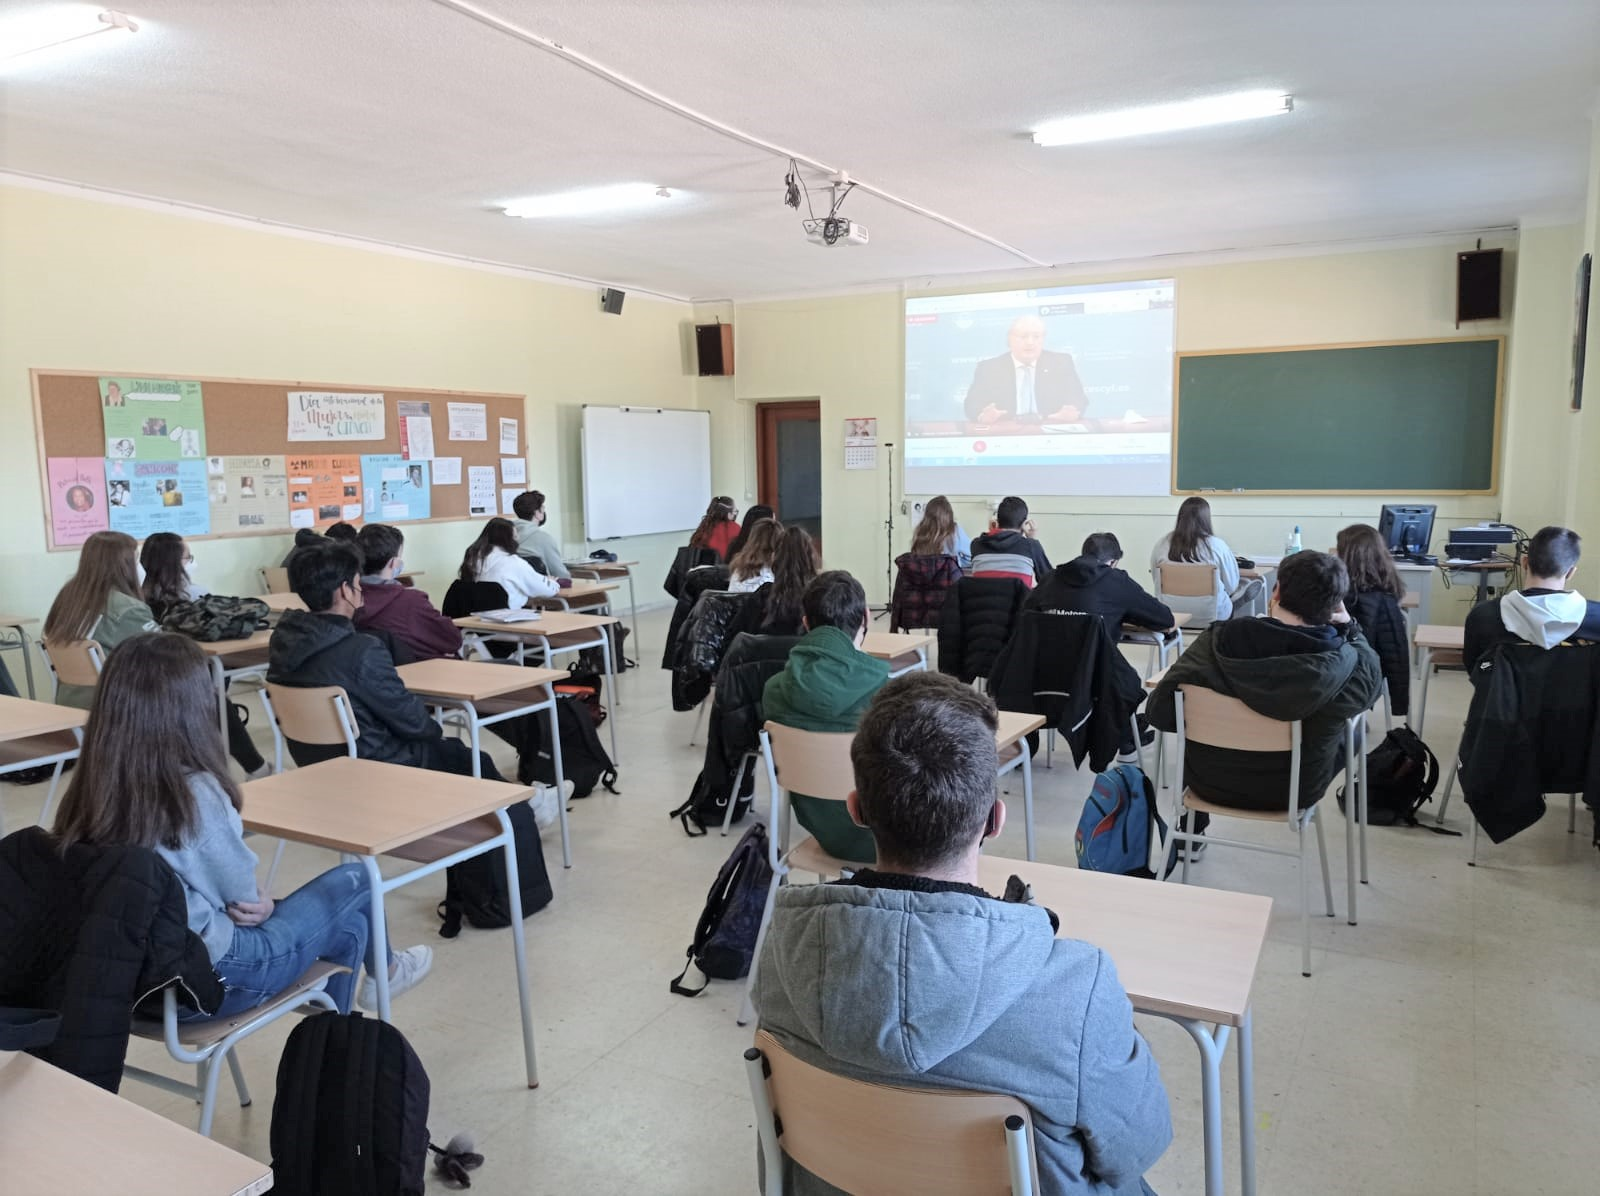 Comienza en el Colegio San Agustín de Salamanca, la V Semana de Formación, en la que se tratarán diversos temas de interés para los alumnos de Bachillerato.